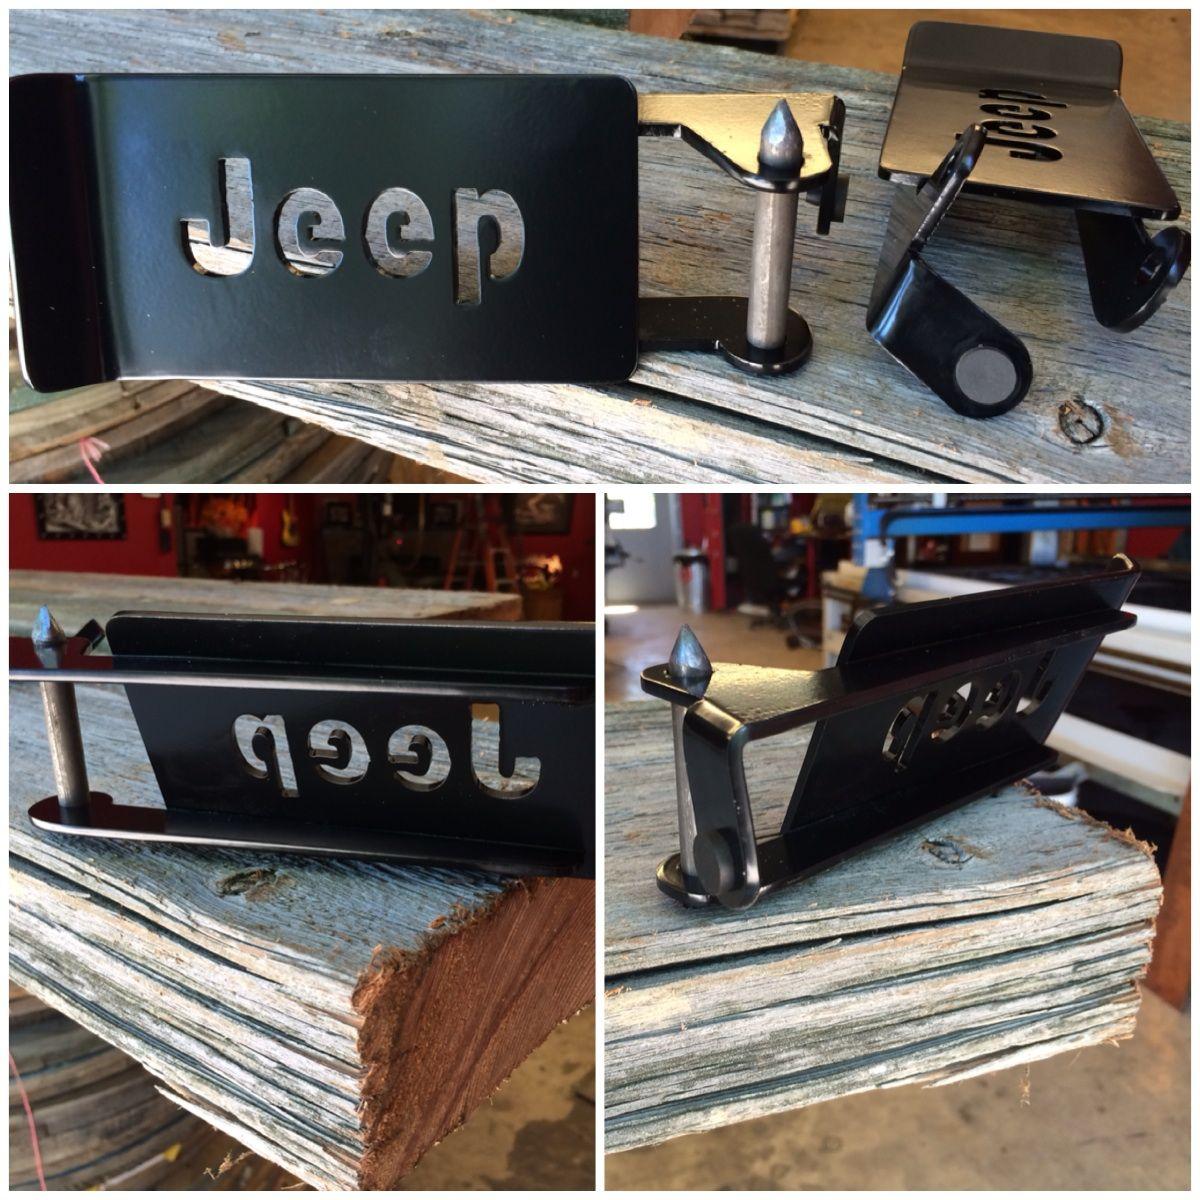 Jeep Foot Pegs Installs In The Lower Door Hinge With The Door Off